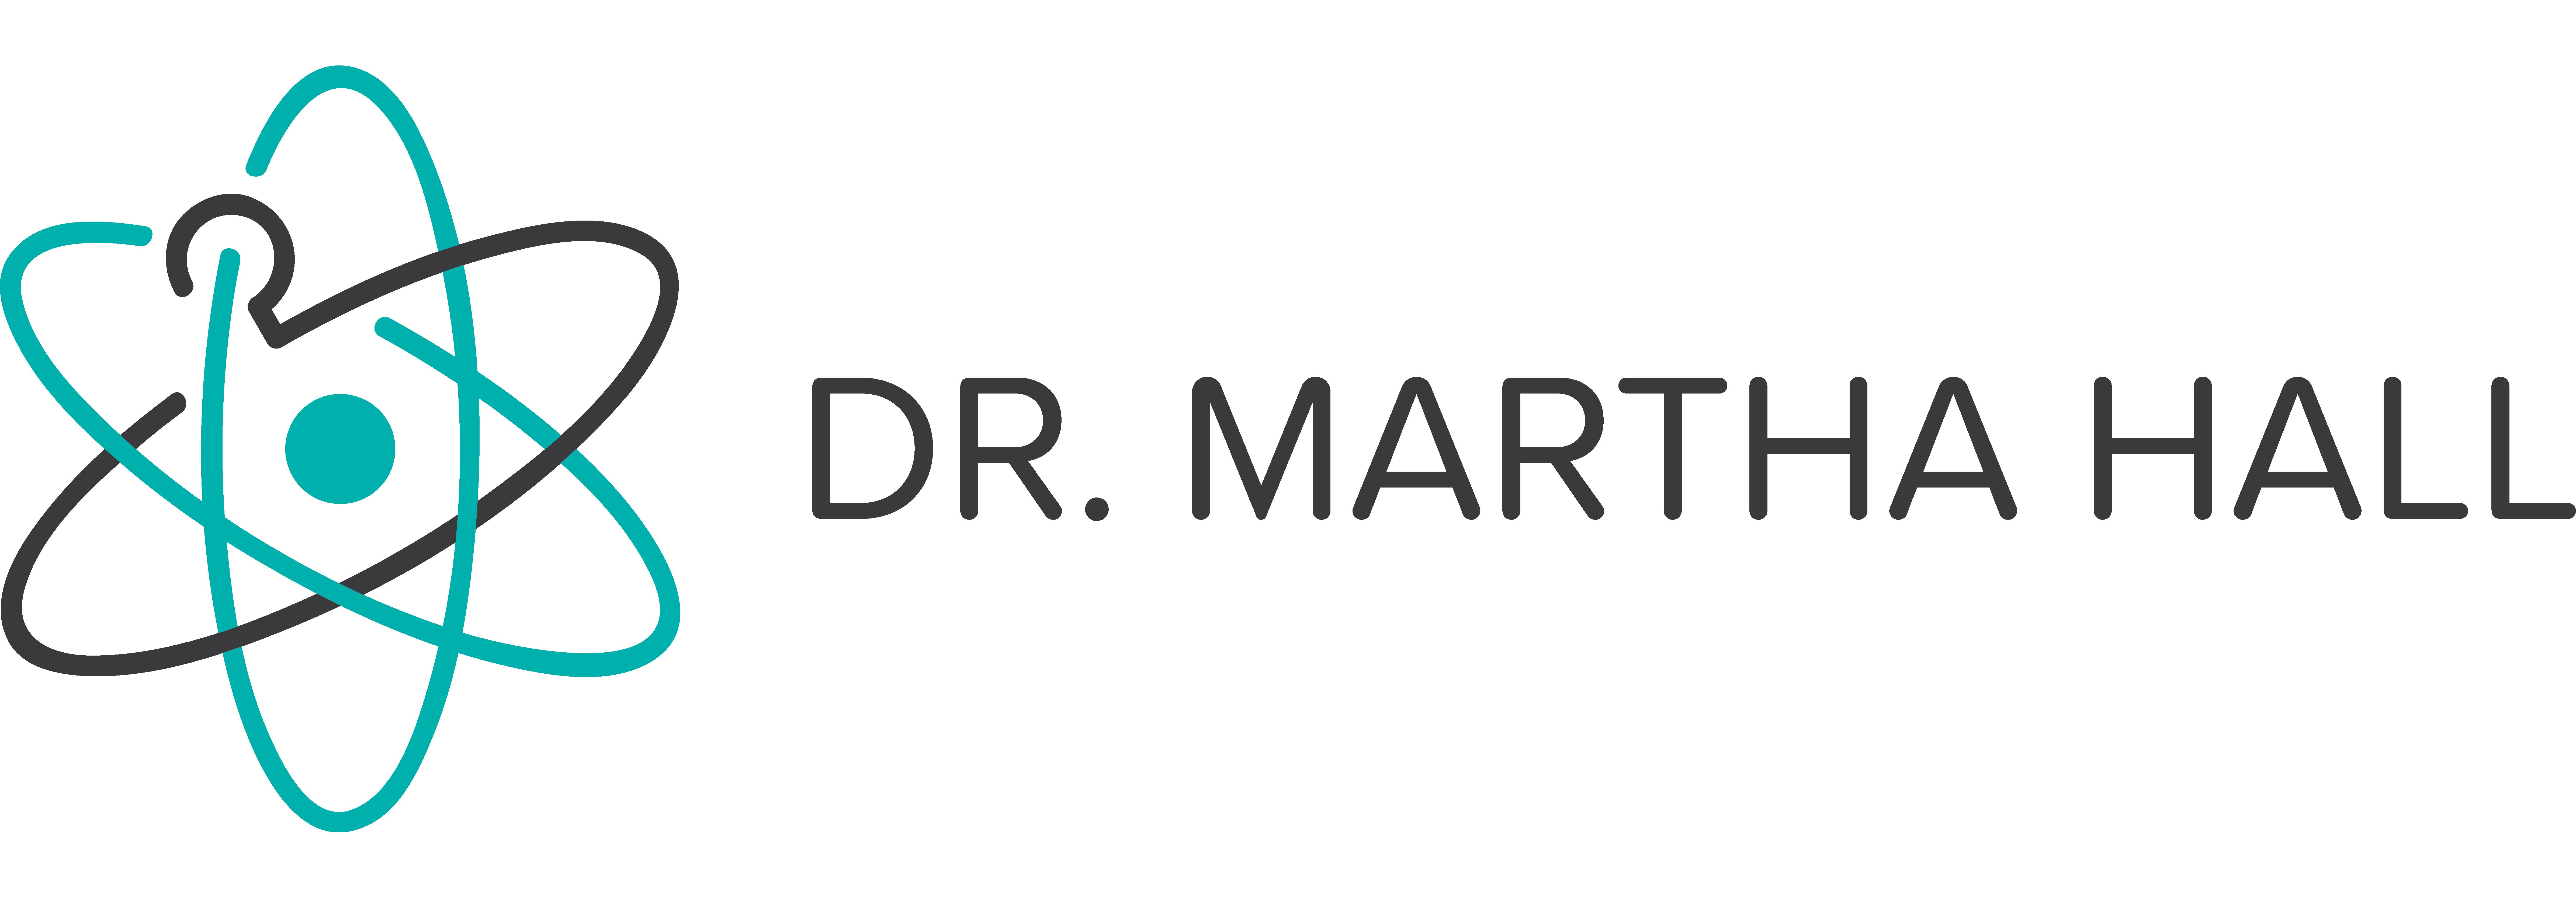 Dr. Martha Hall Designs